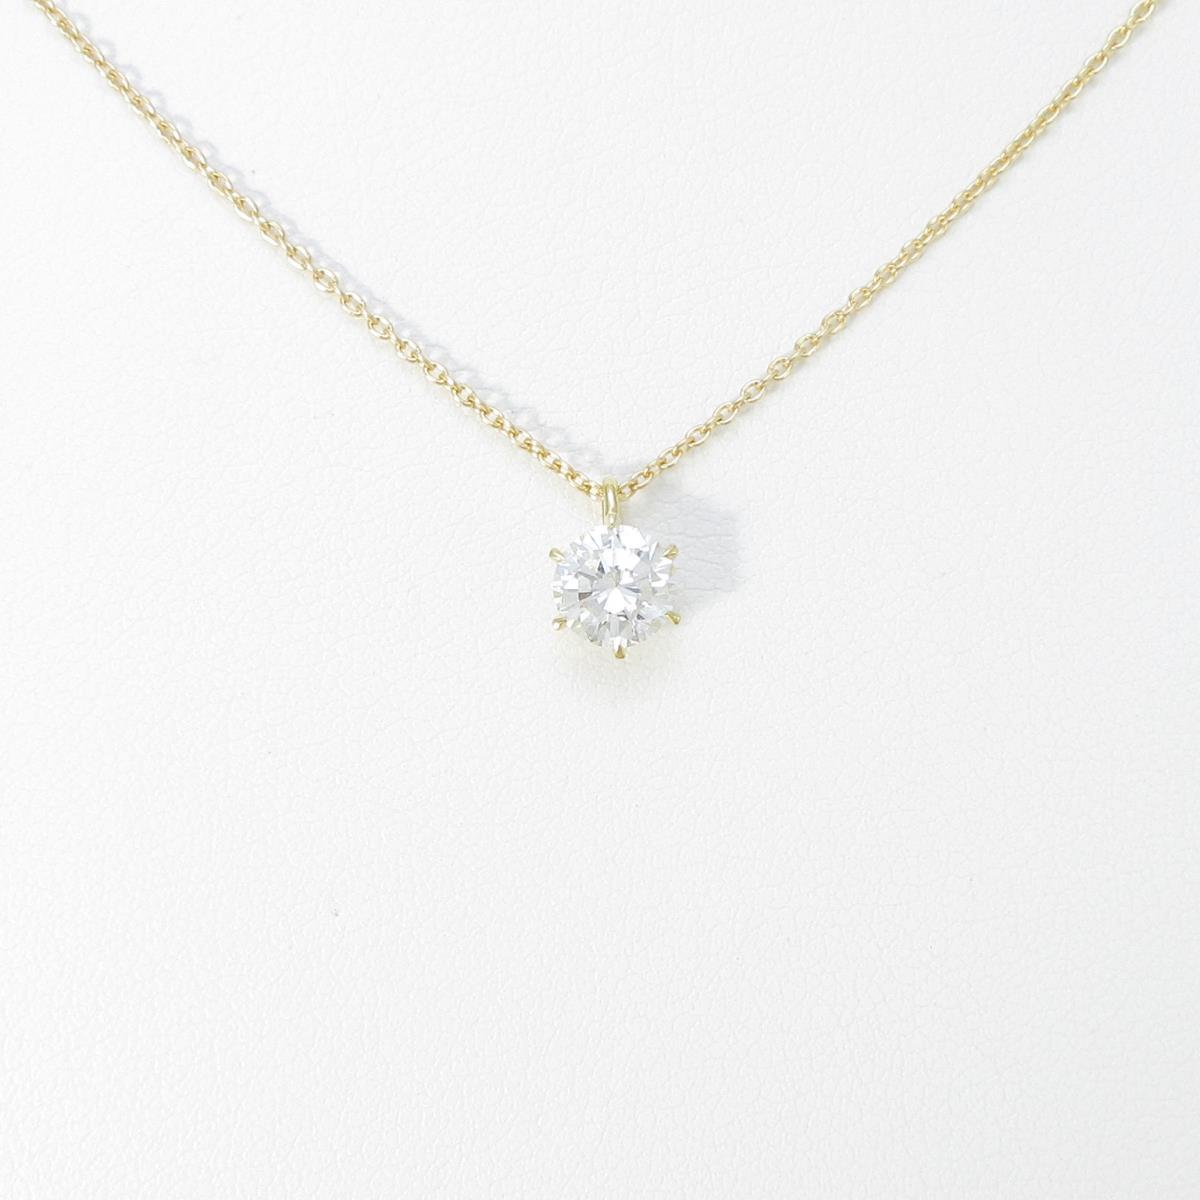 【リメイク】K18YG ダイヤモンドネックレス 0.641ct・G・SI1・VG【中古】